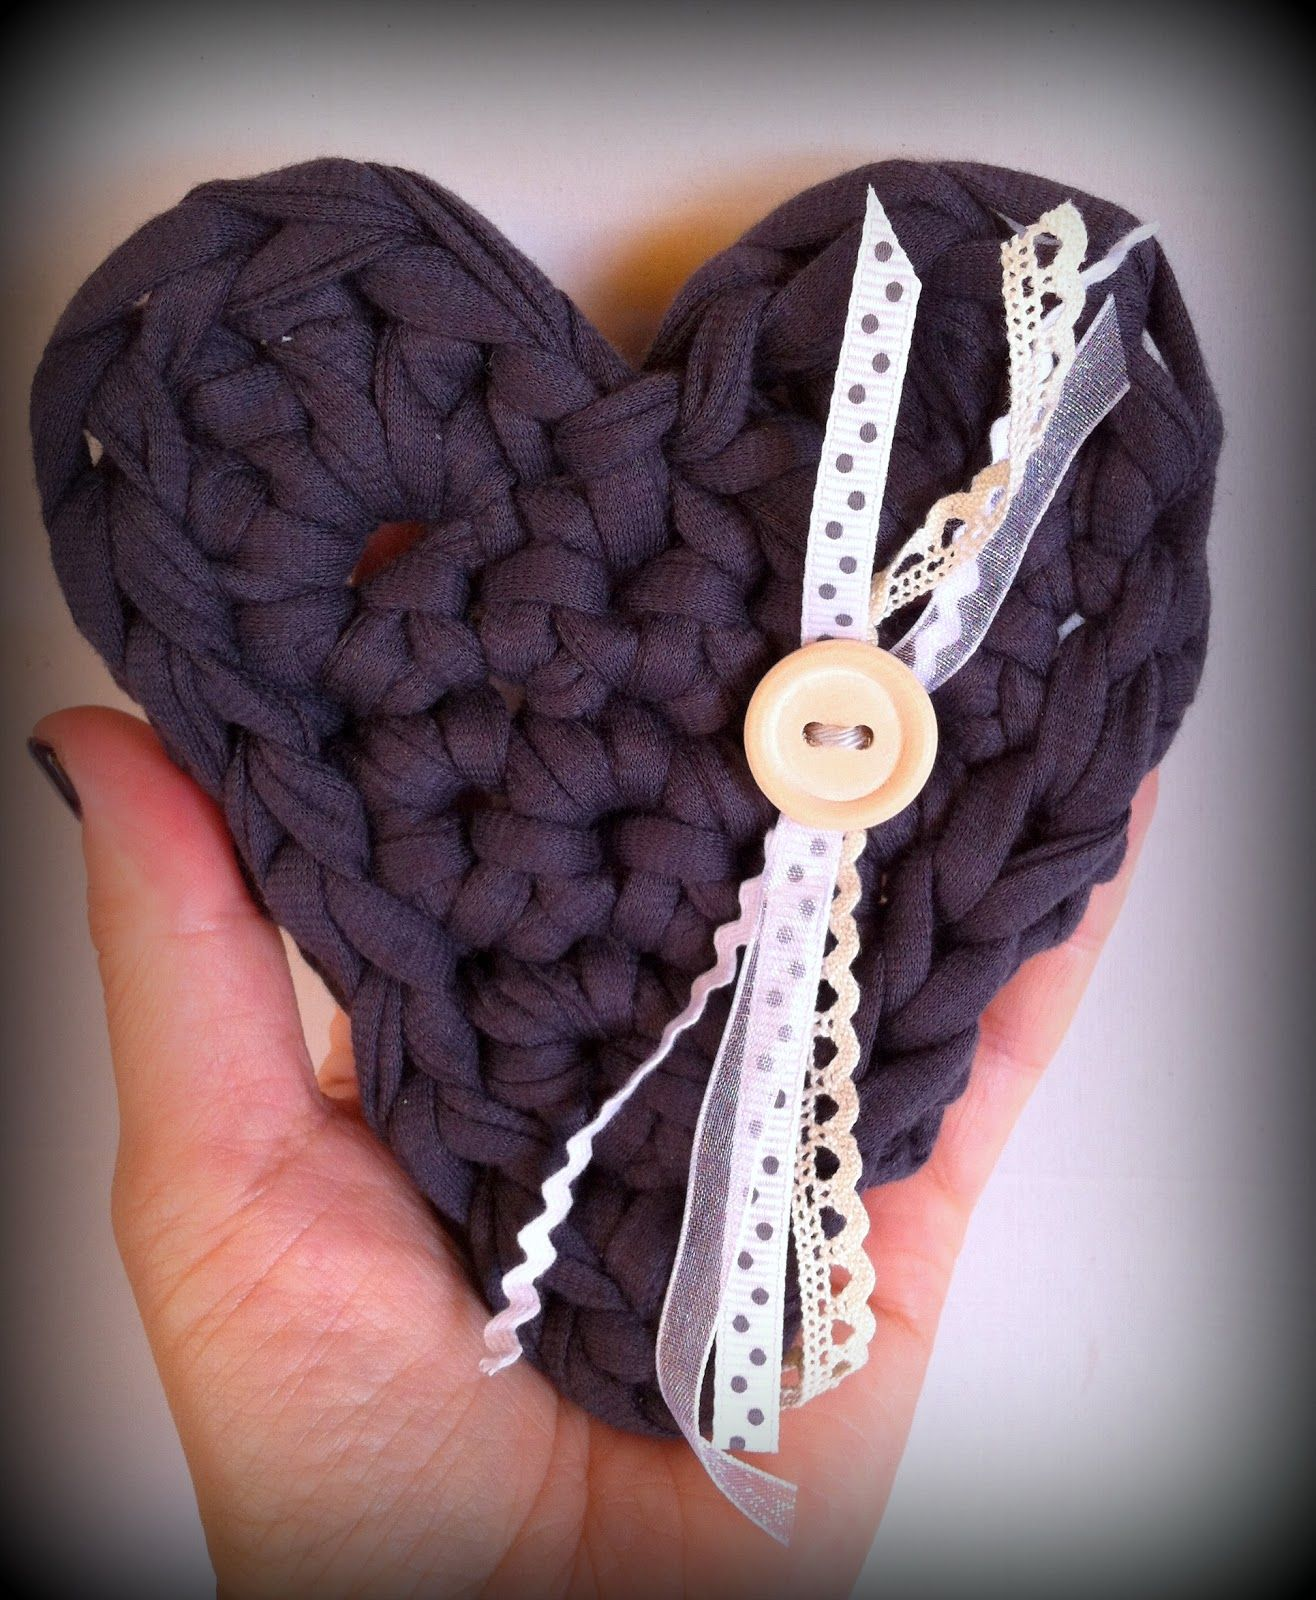 Lady Crochet cor de trapillo scrapcrochet